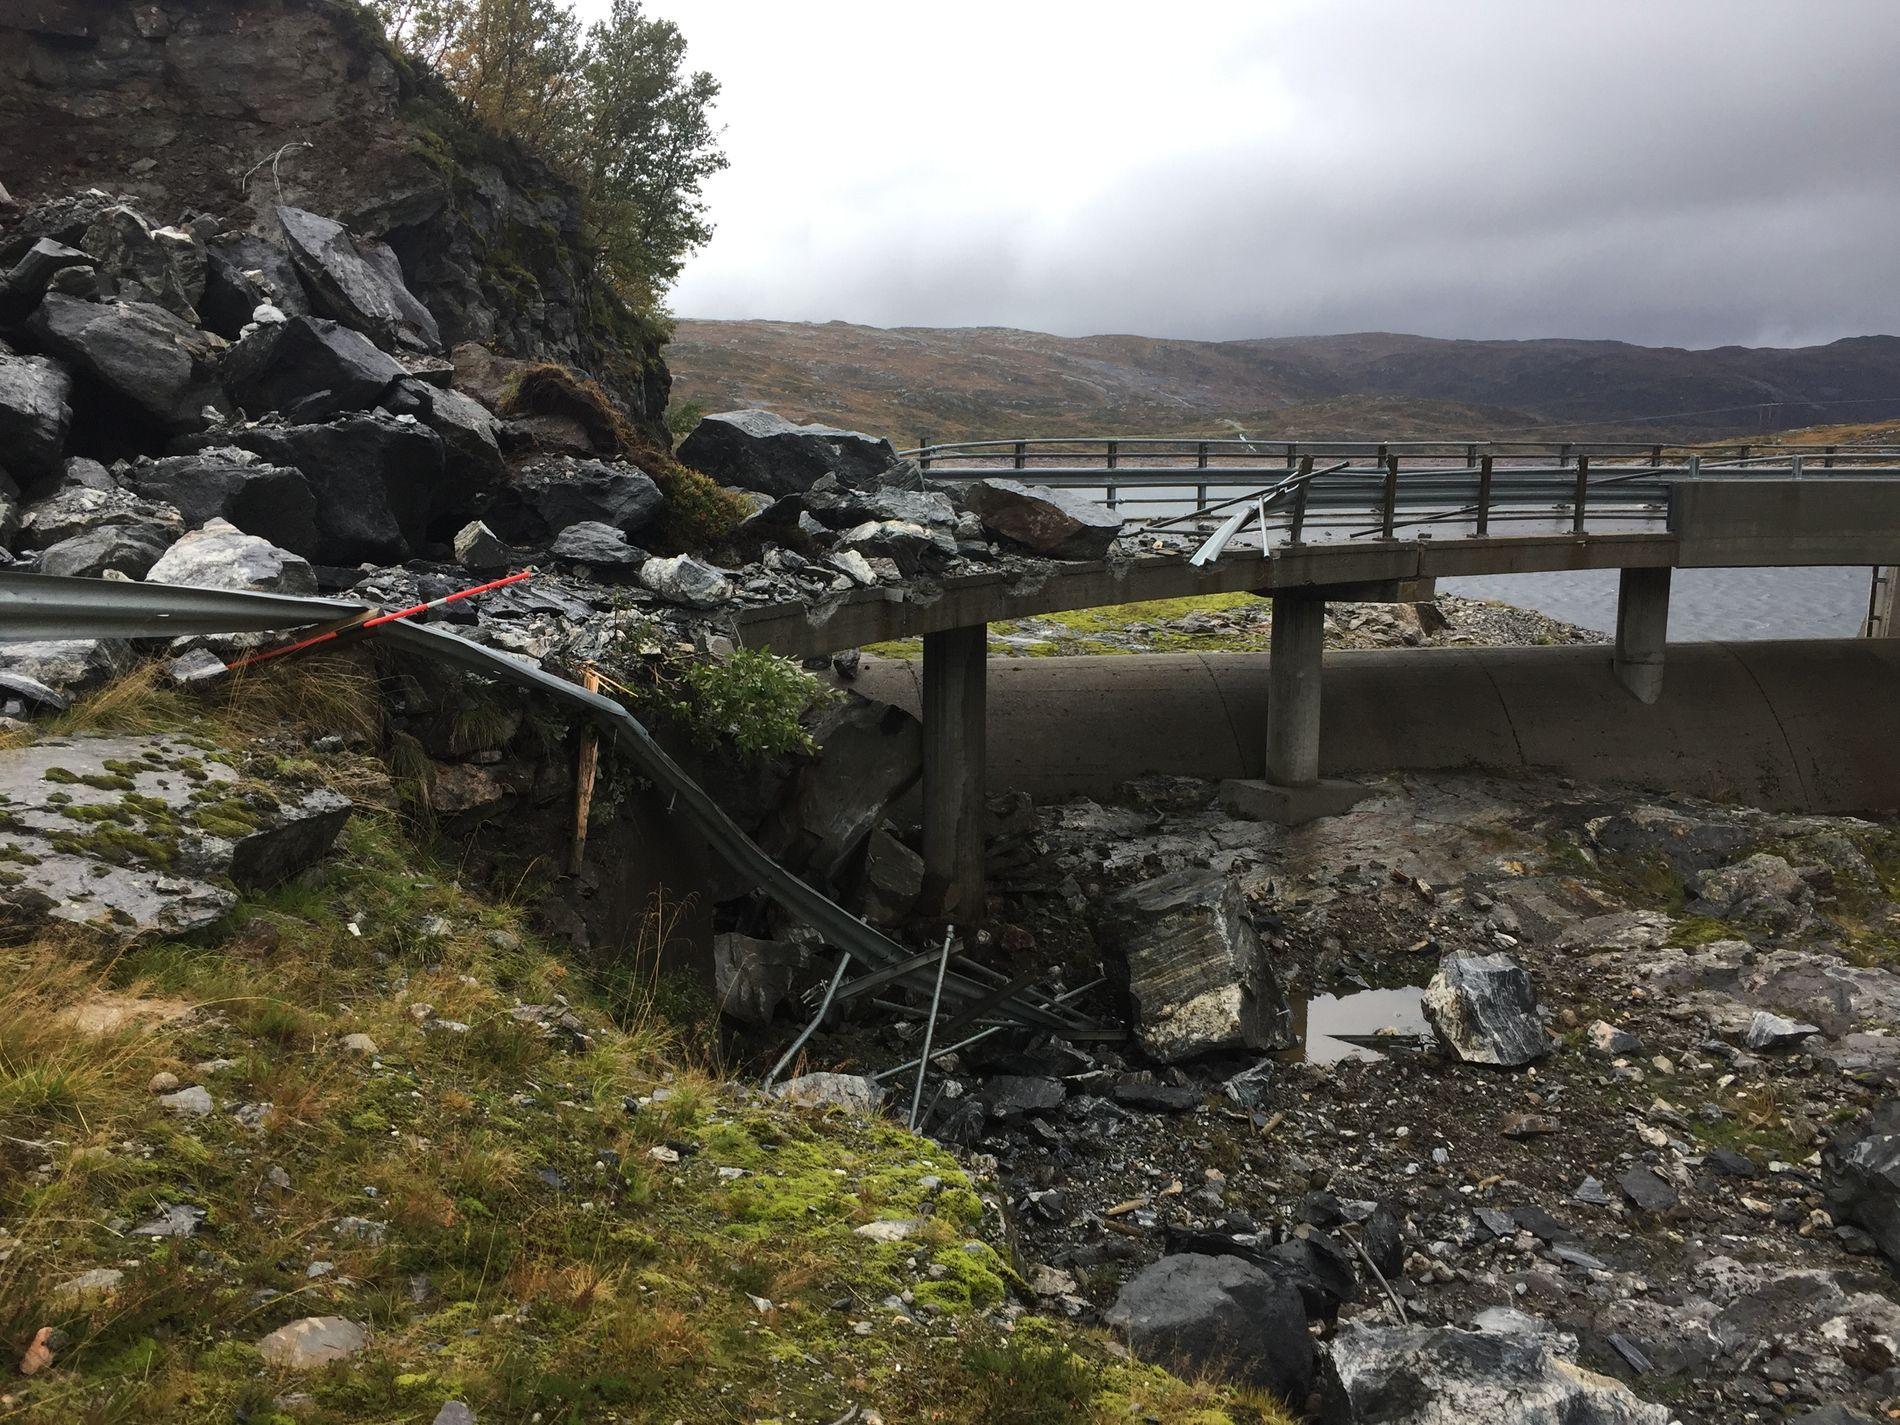 BROEN ØDELAGT: Fylkesvei 92 ved Krokavatnet mellom Stordalsstølen og Høyanger er stengt frem til 24. september.